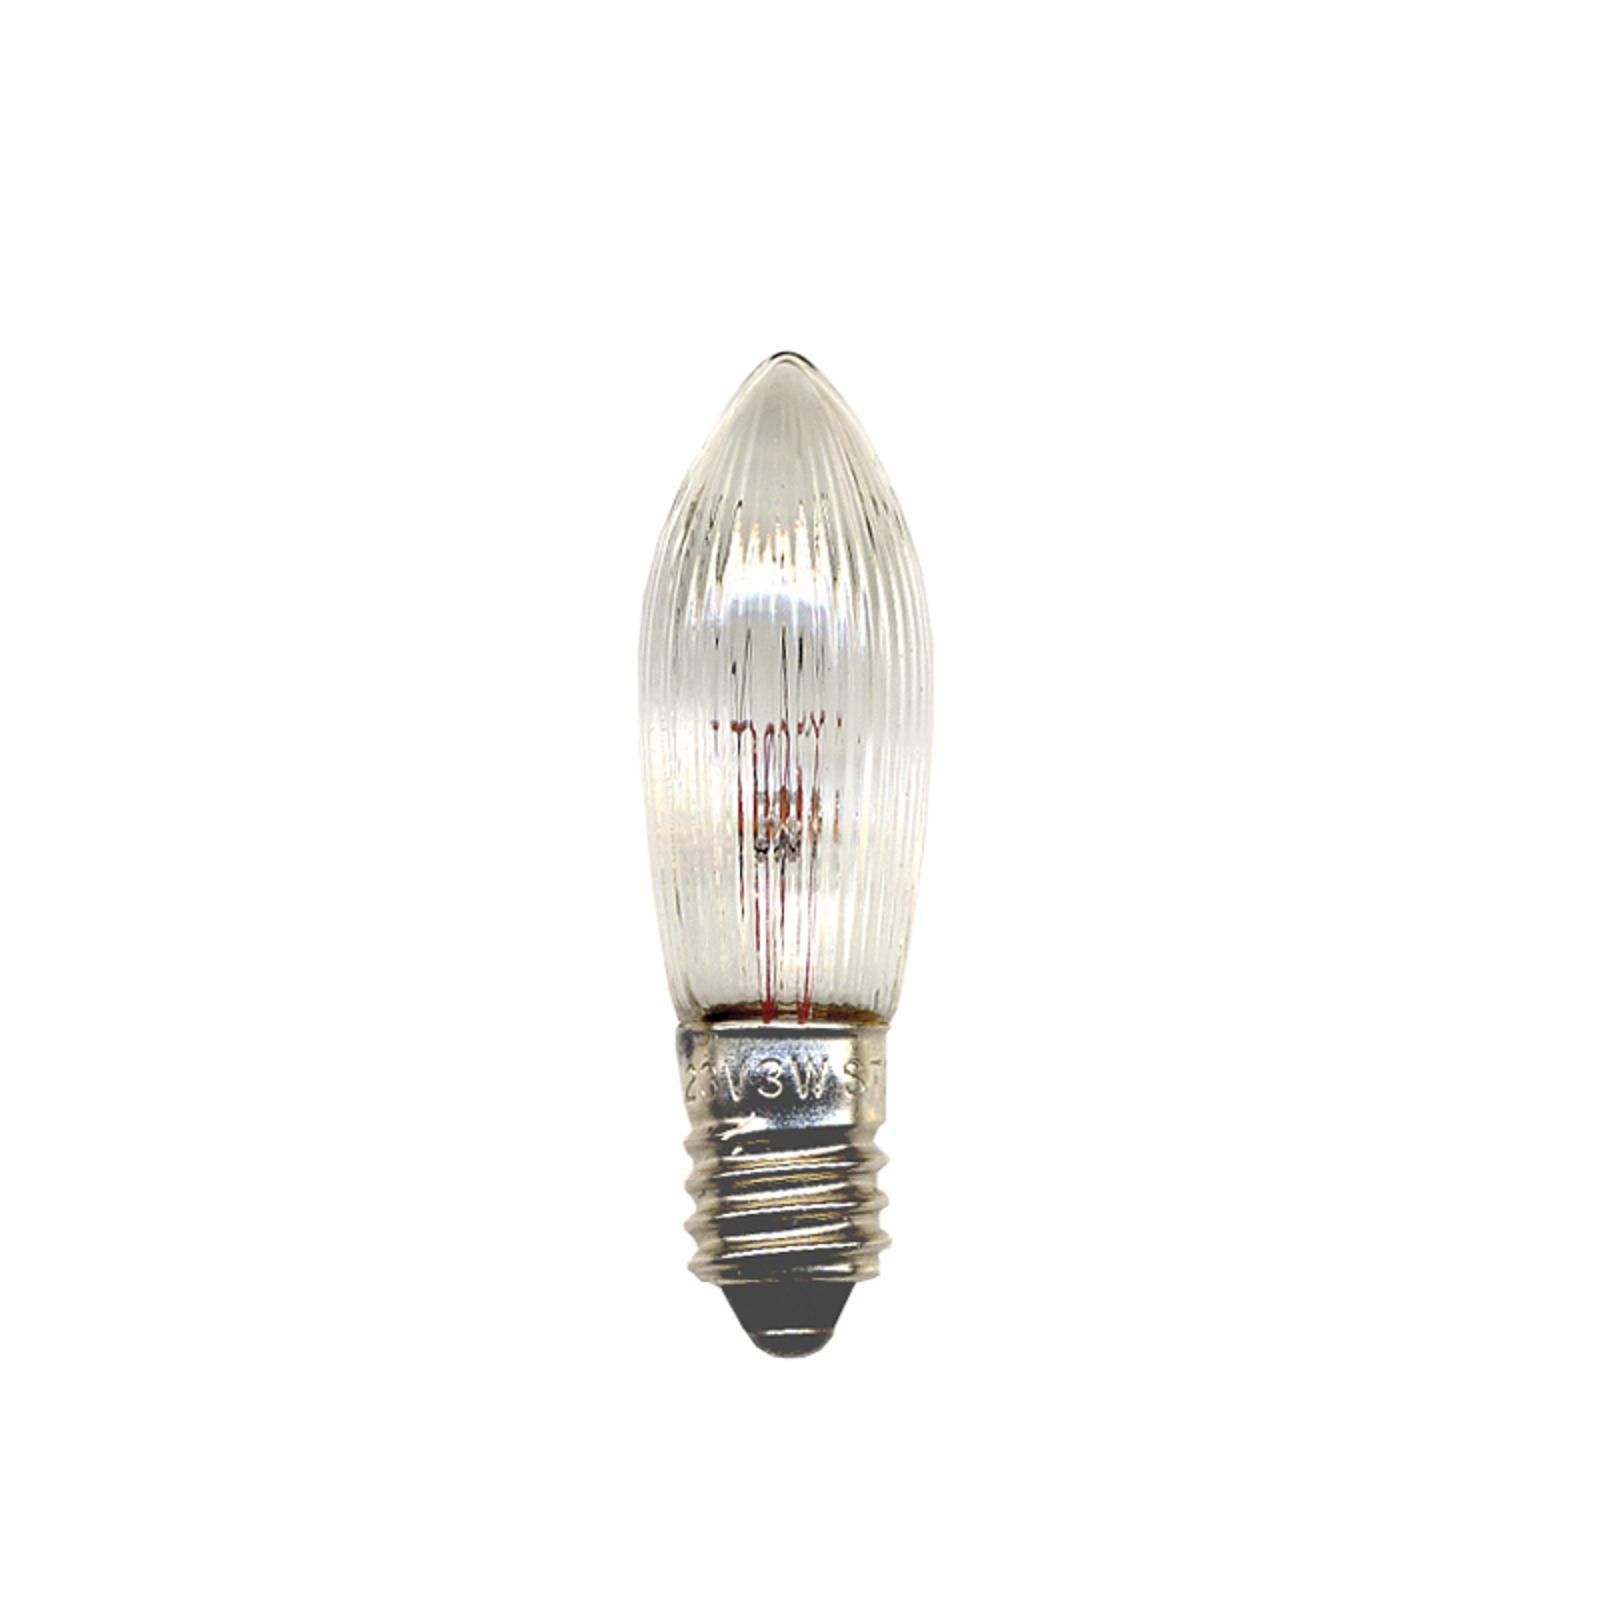 E10 2,4W 12V -vaihtolamppu, kynttilä 3 kpl/pakkaus